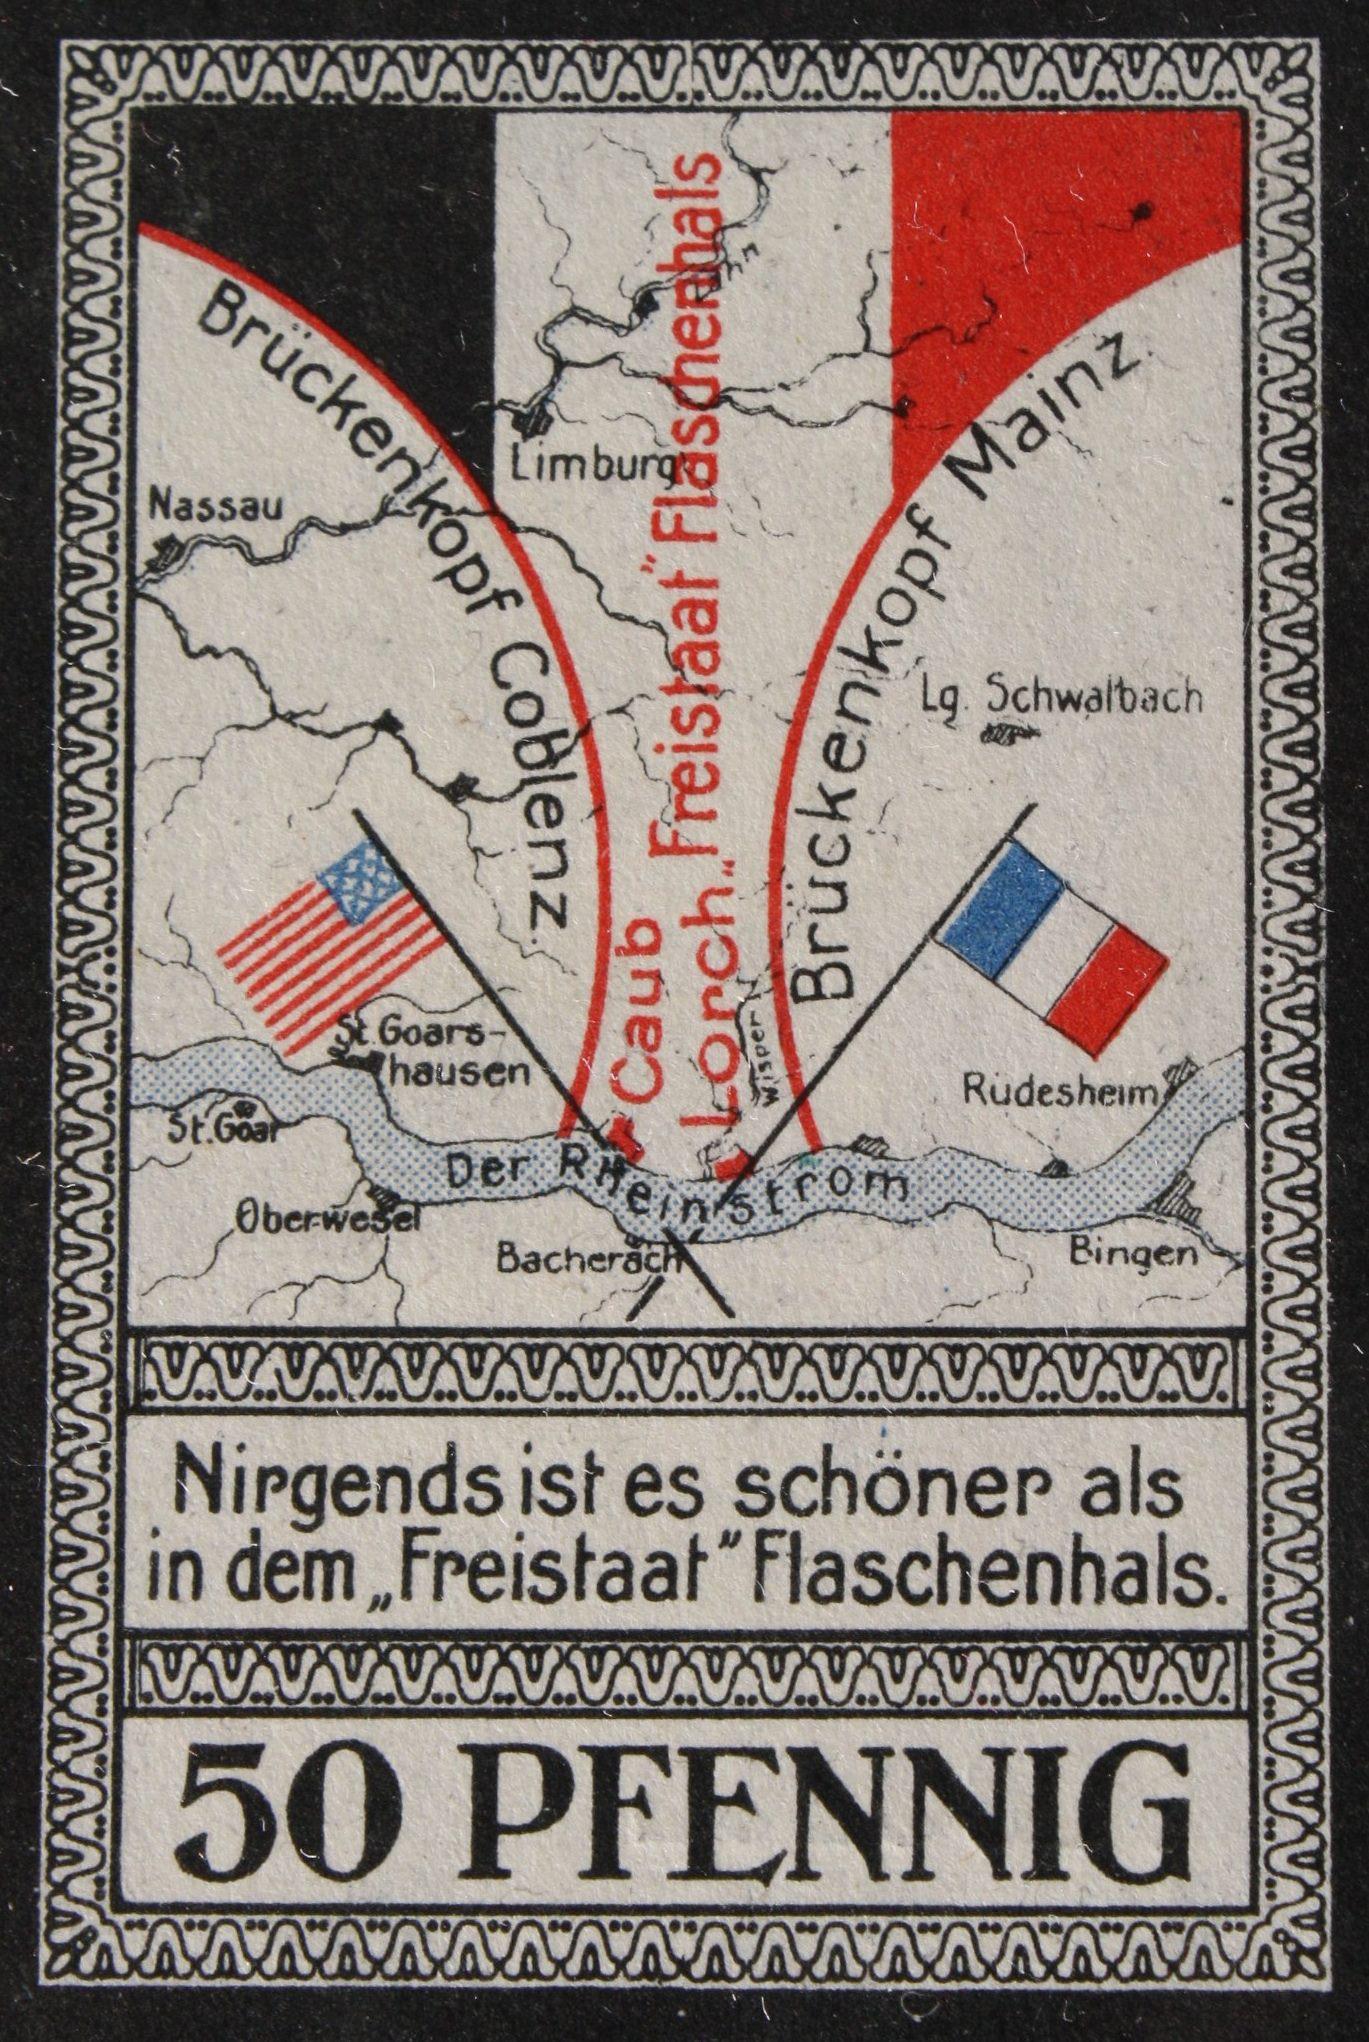 freistaat-flaschenhals